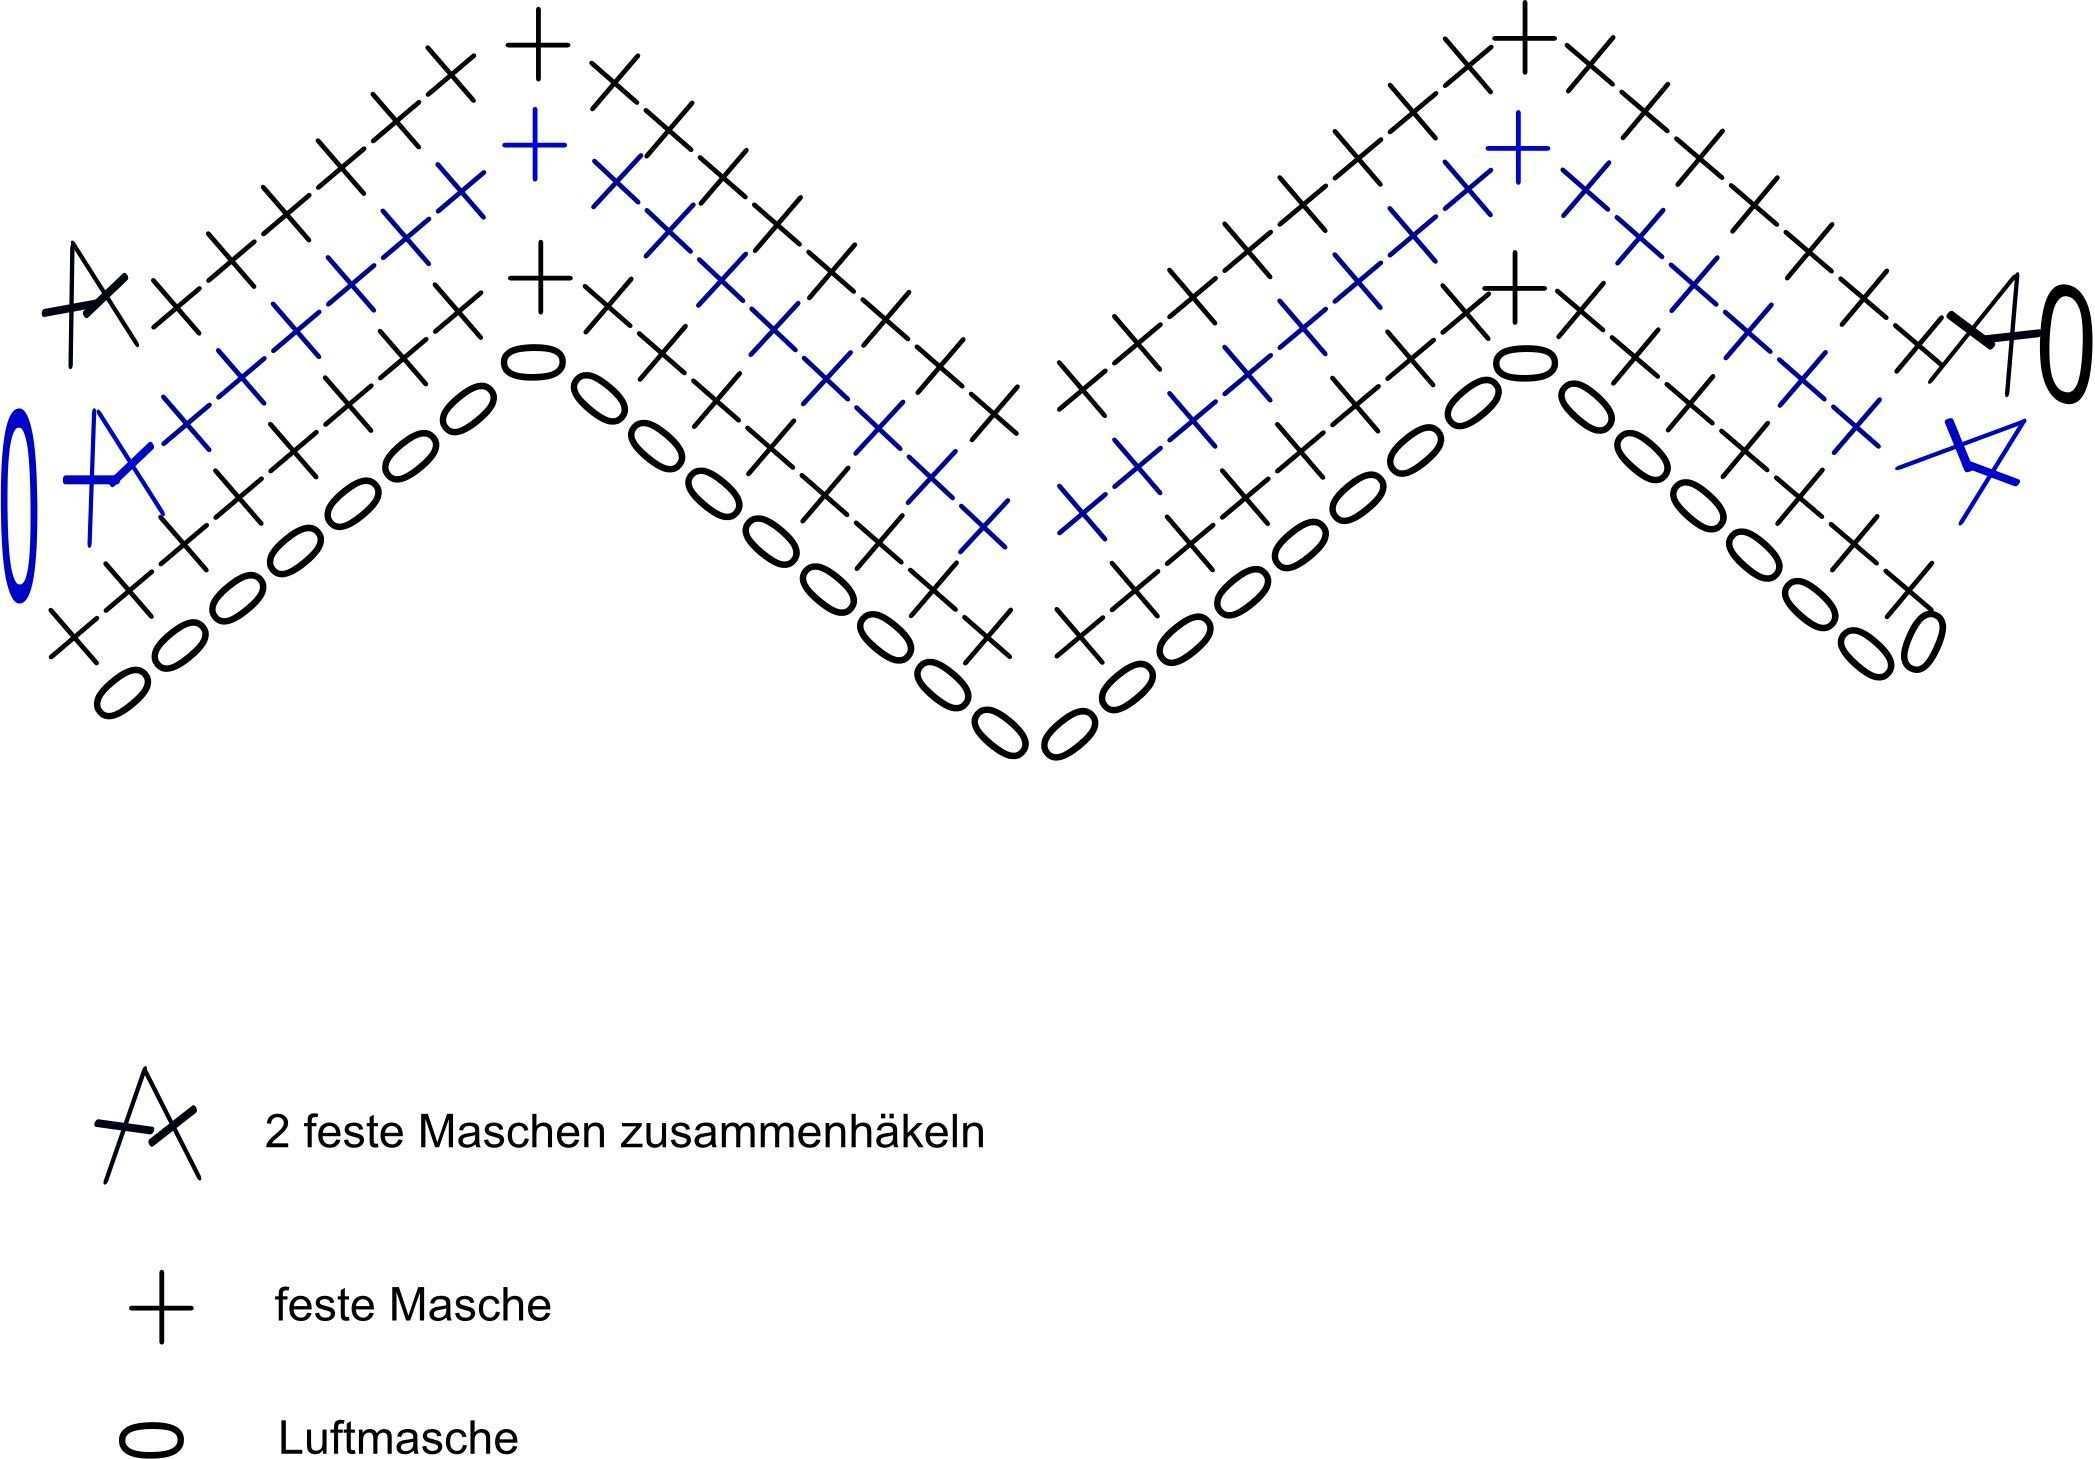 Einleitung Einfaches Zick Zack Formular Hakeln In 2020 Decke Hakeln Muster Hakeln Muster Decke Hakeln Anleitung